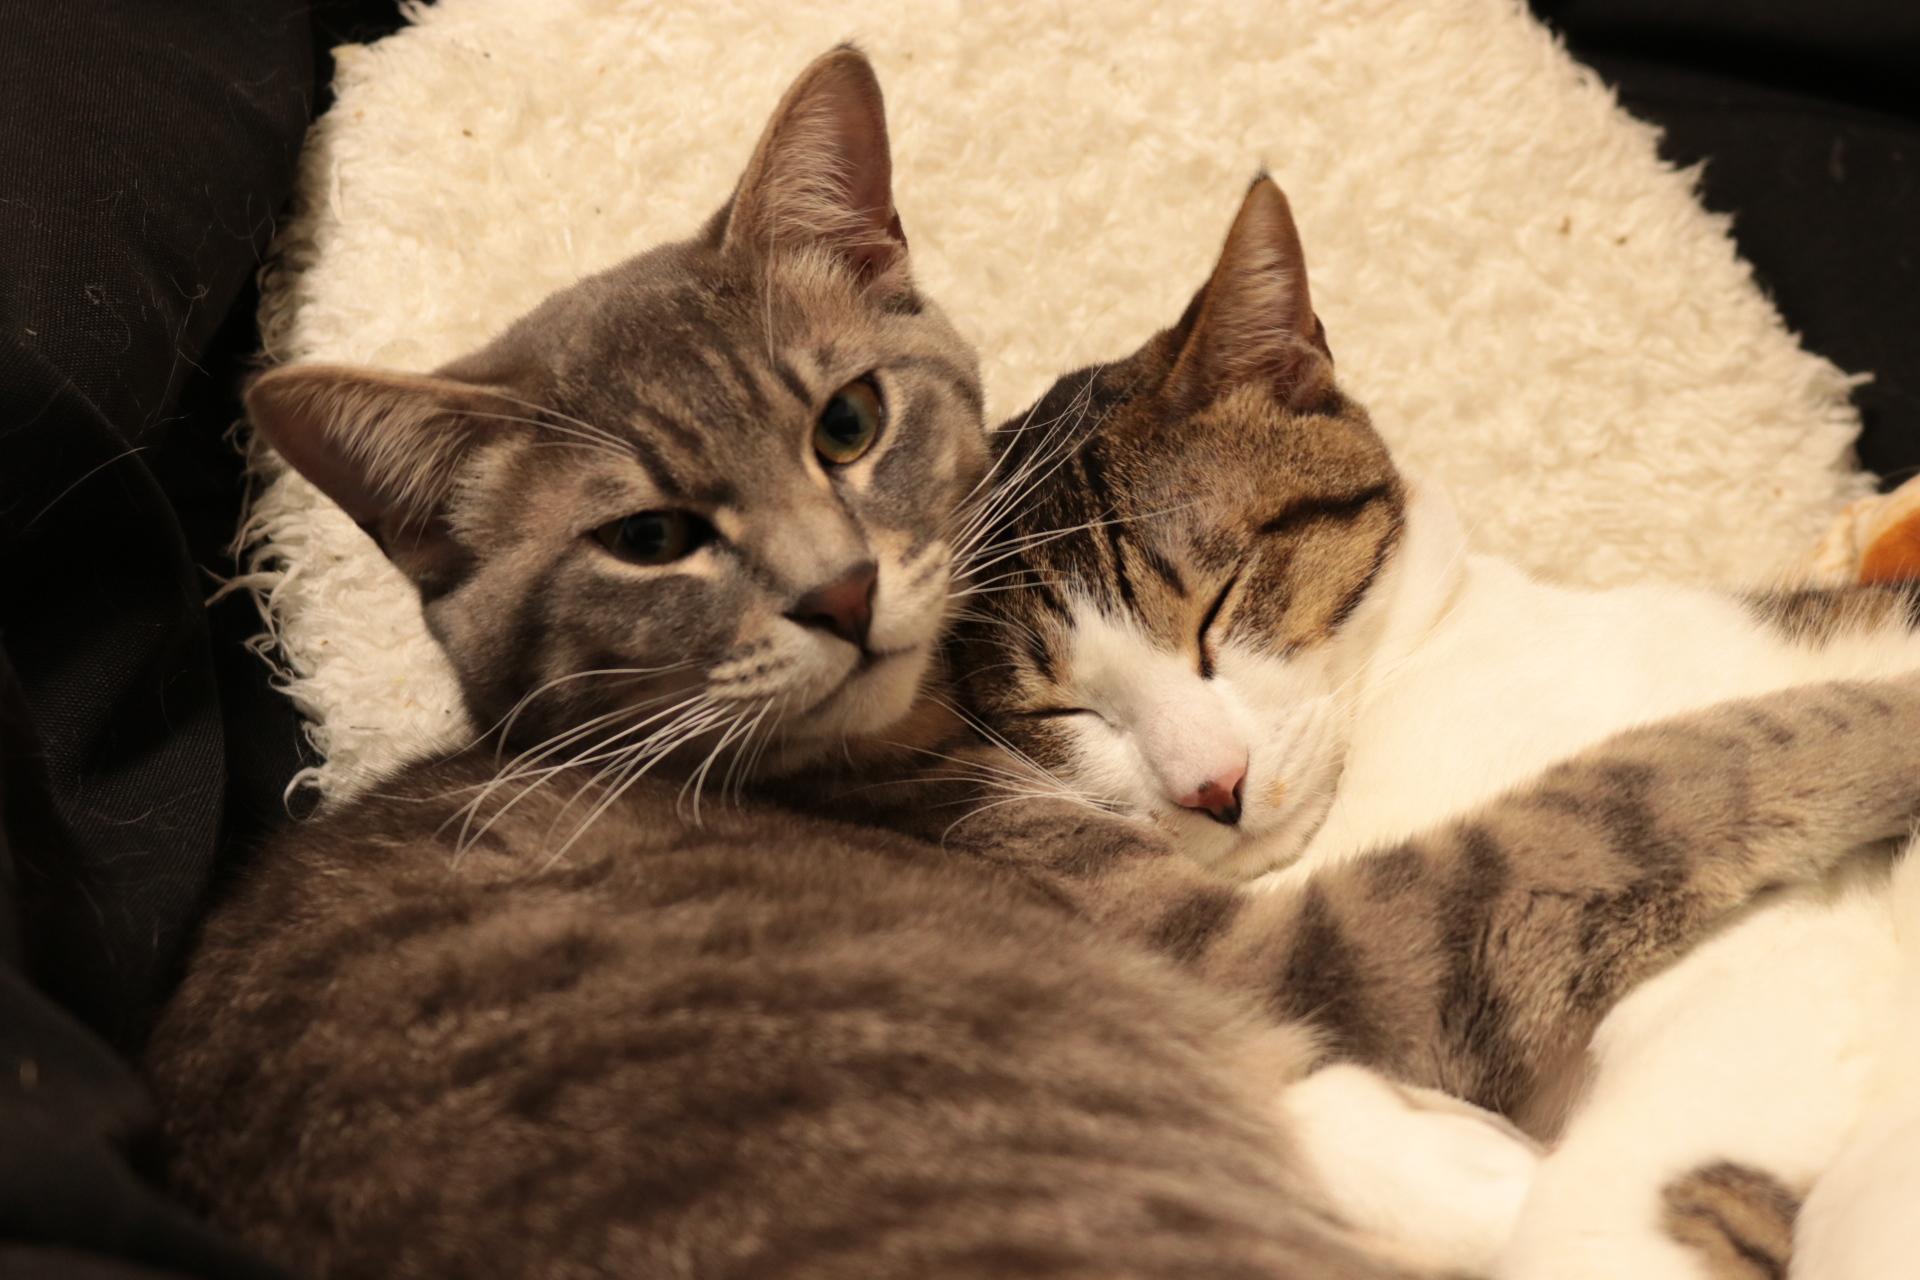 【Canon】EOS 5D Mark IIIで撮影した猫の写真を眺める